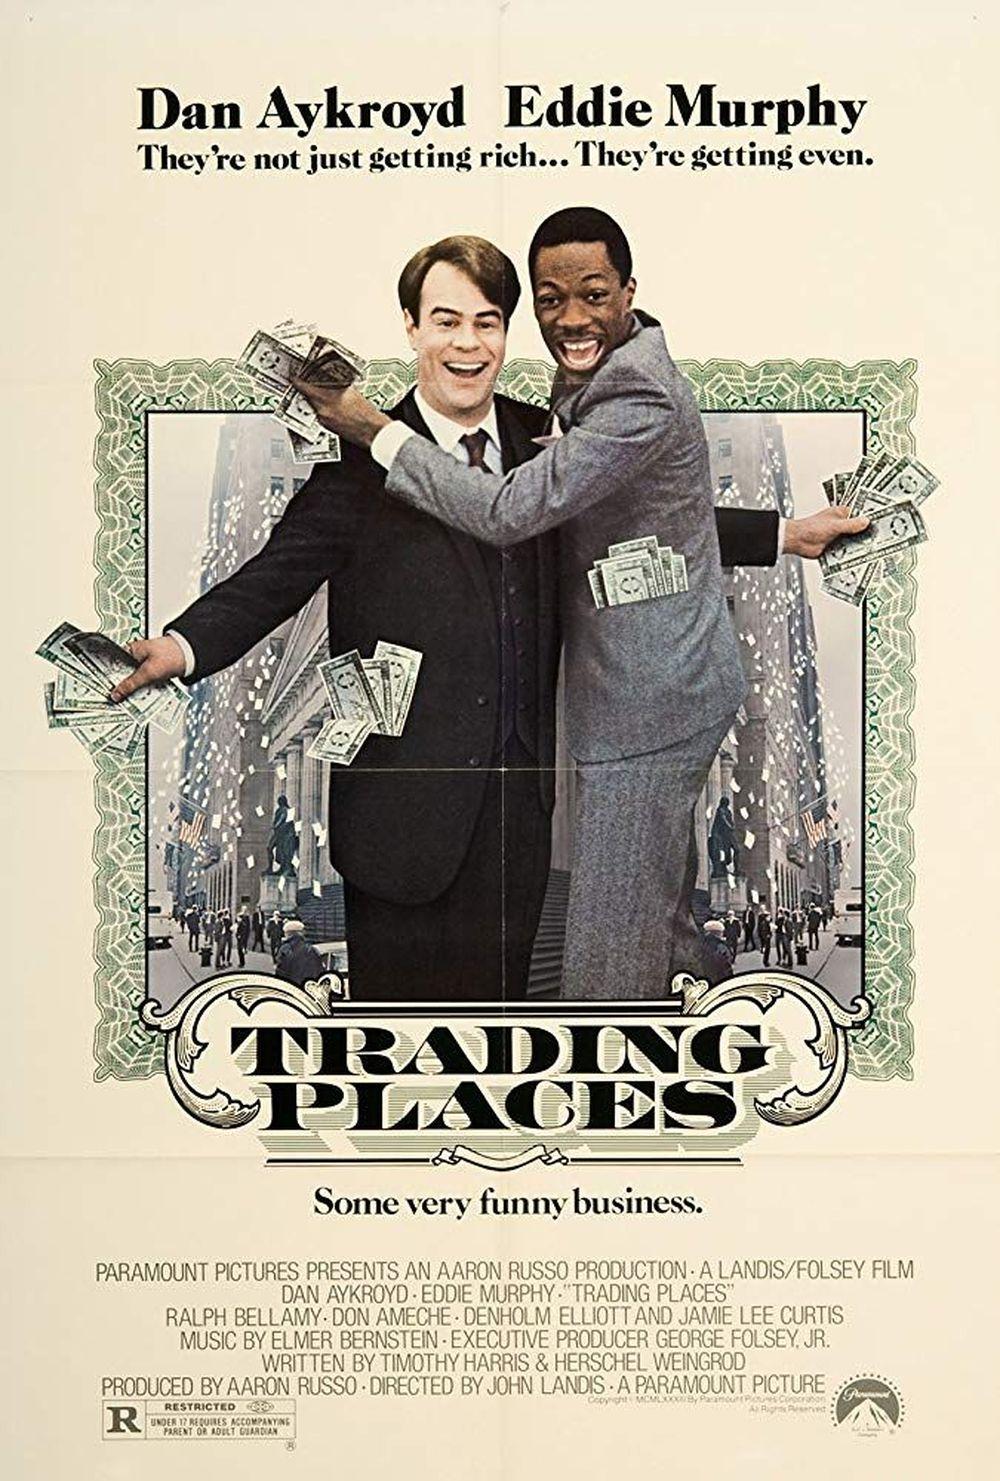 Trading Places (1983) adalah sebuah komedi yang menggambarkan gelandangan Billy Ray (Eddie Murphy)di posisiorang kaya Louis (Dan Aykroyd) yang bekerjasebagaimakelar komoditas dan sebaliknya. Hal itu terjadi ketika pemilik perusahaan bertaruh untuk melihat apa yang akan terjadi jika keduanya bertukar nasib. (ist via IMDB)